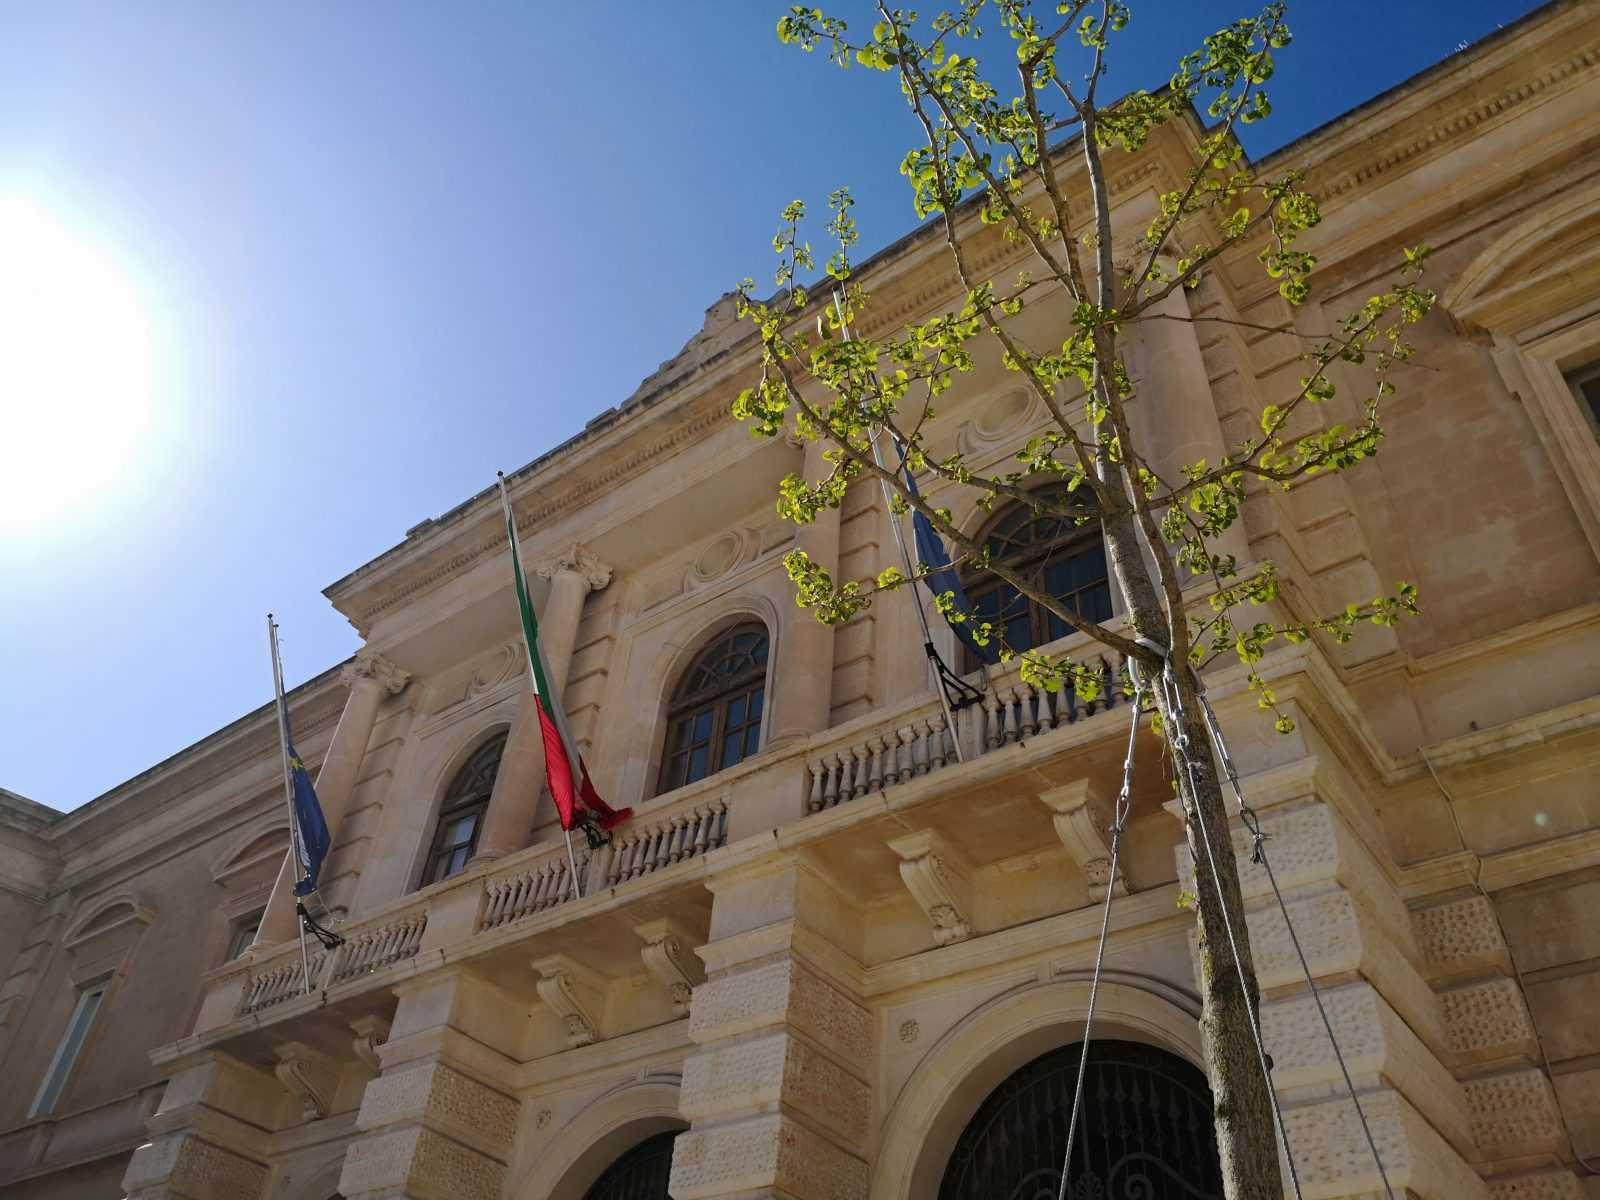 Calendario Scolastico 2020 18 Puglia.Al Lavoro Sul Nuovo Calendario Scolastico Si Riparte Il 18